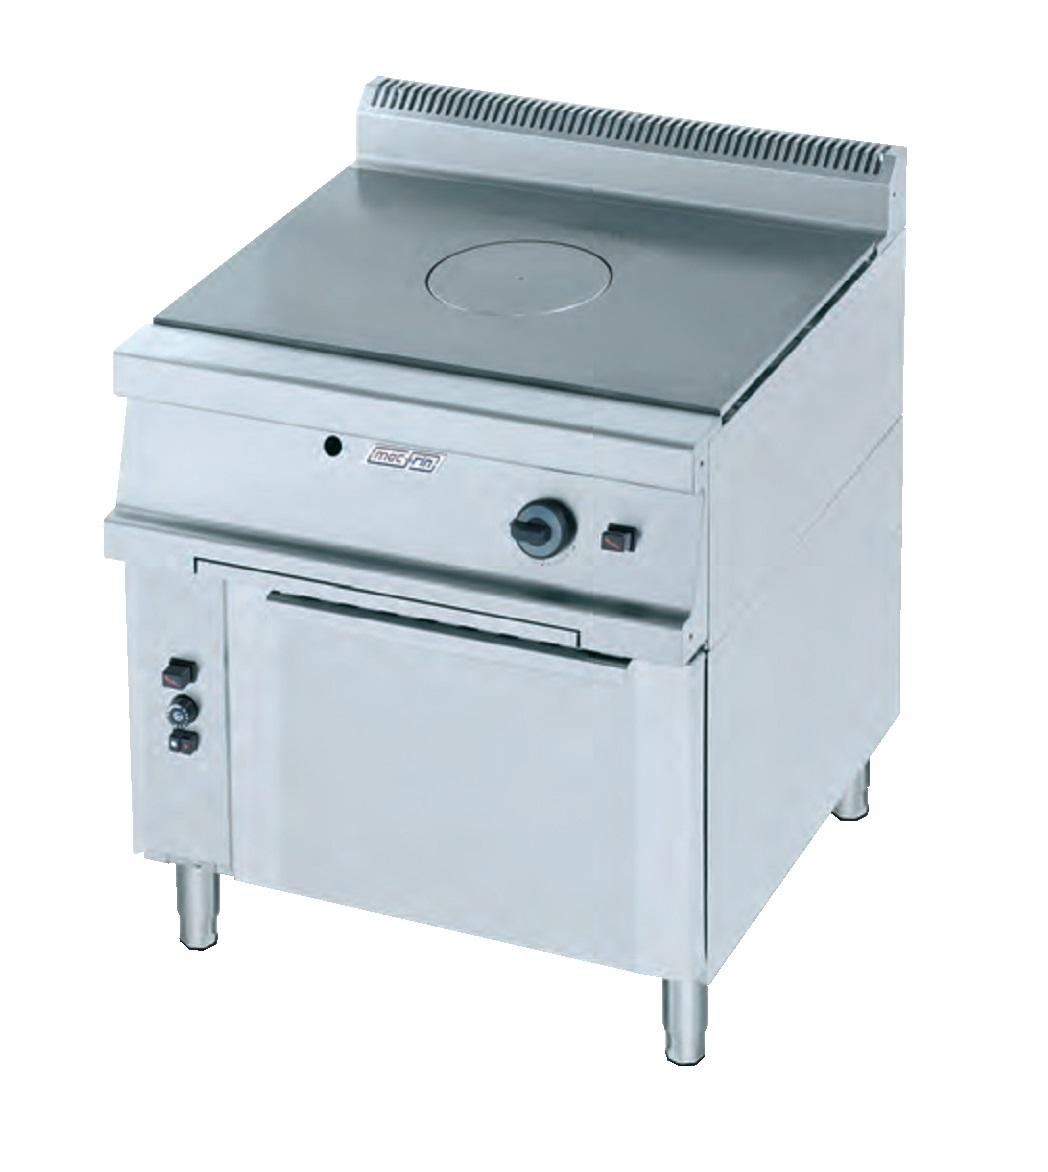 Cocina plancha a gas eurast 4818 1 fuego - Plancha para cocina a gas ...